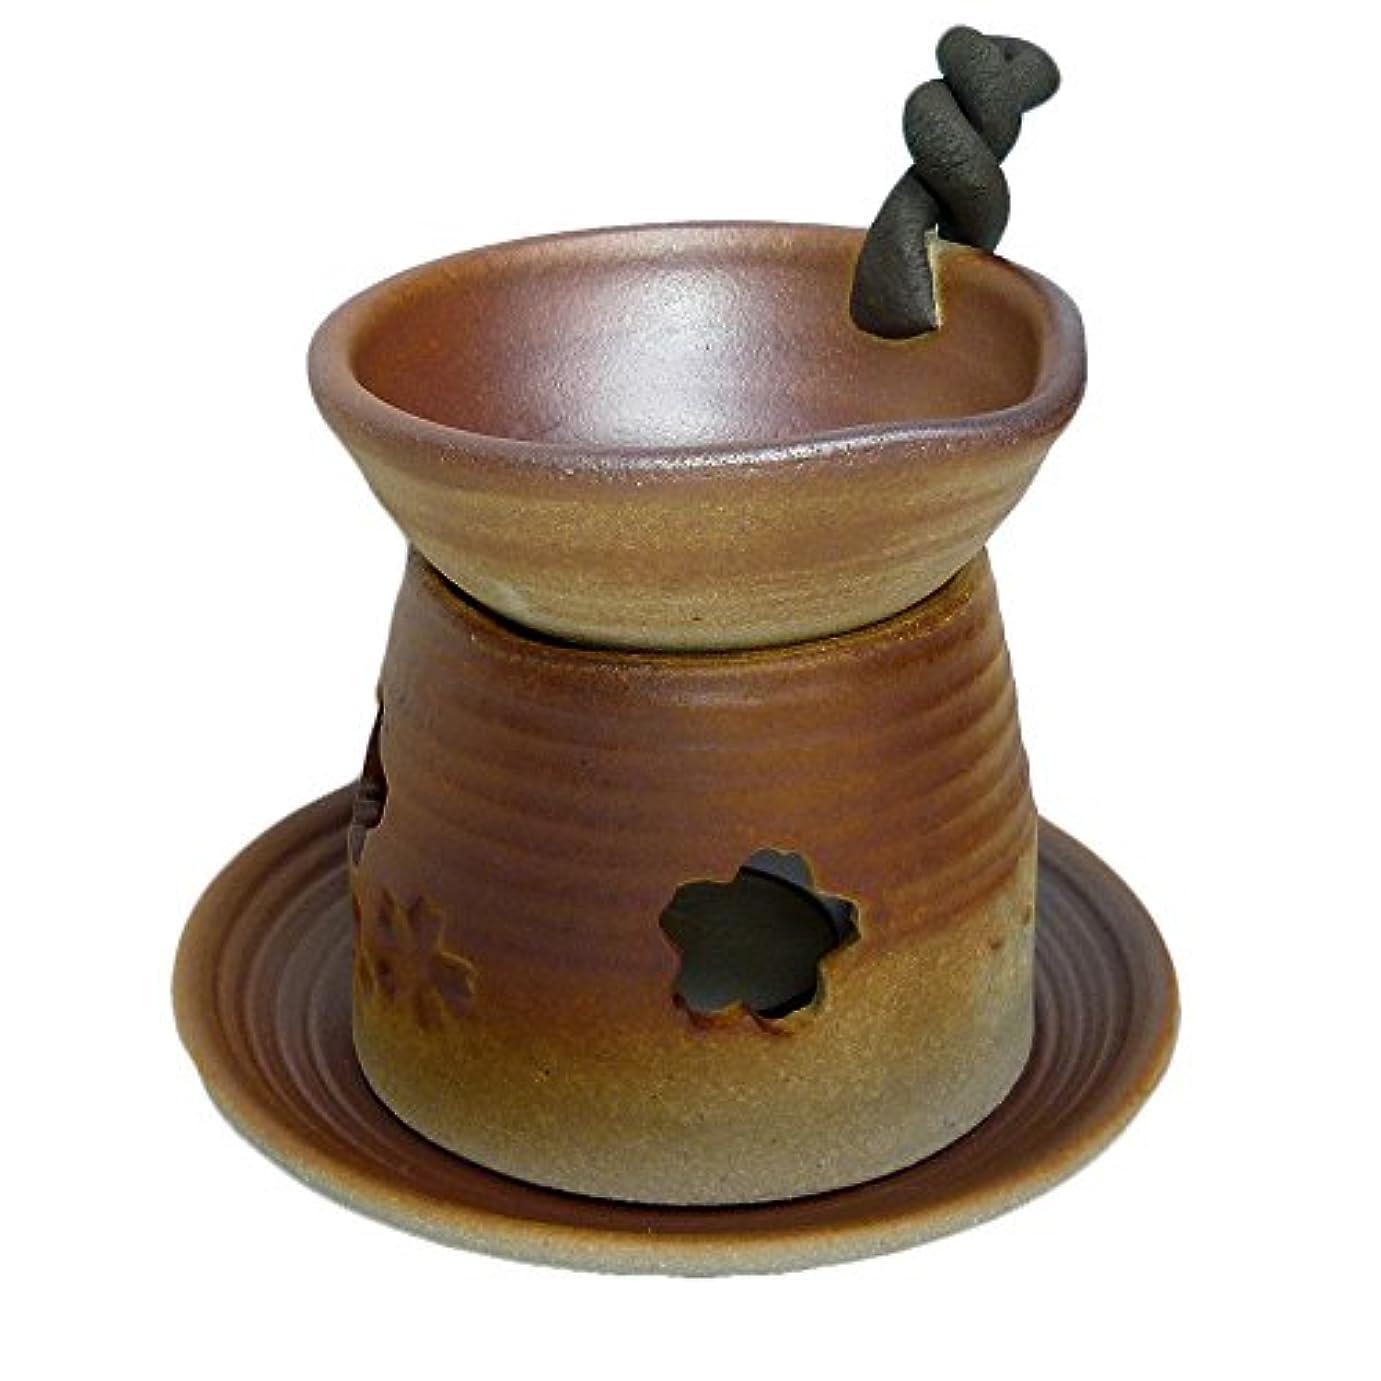 樹皮一部海洋の香炉 錆吹き 手付茶香炉 [H13.5cm] HANDMADE プレゼント ギフト 和食器 かわいい インテリア